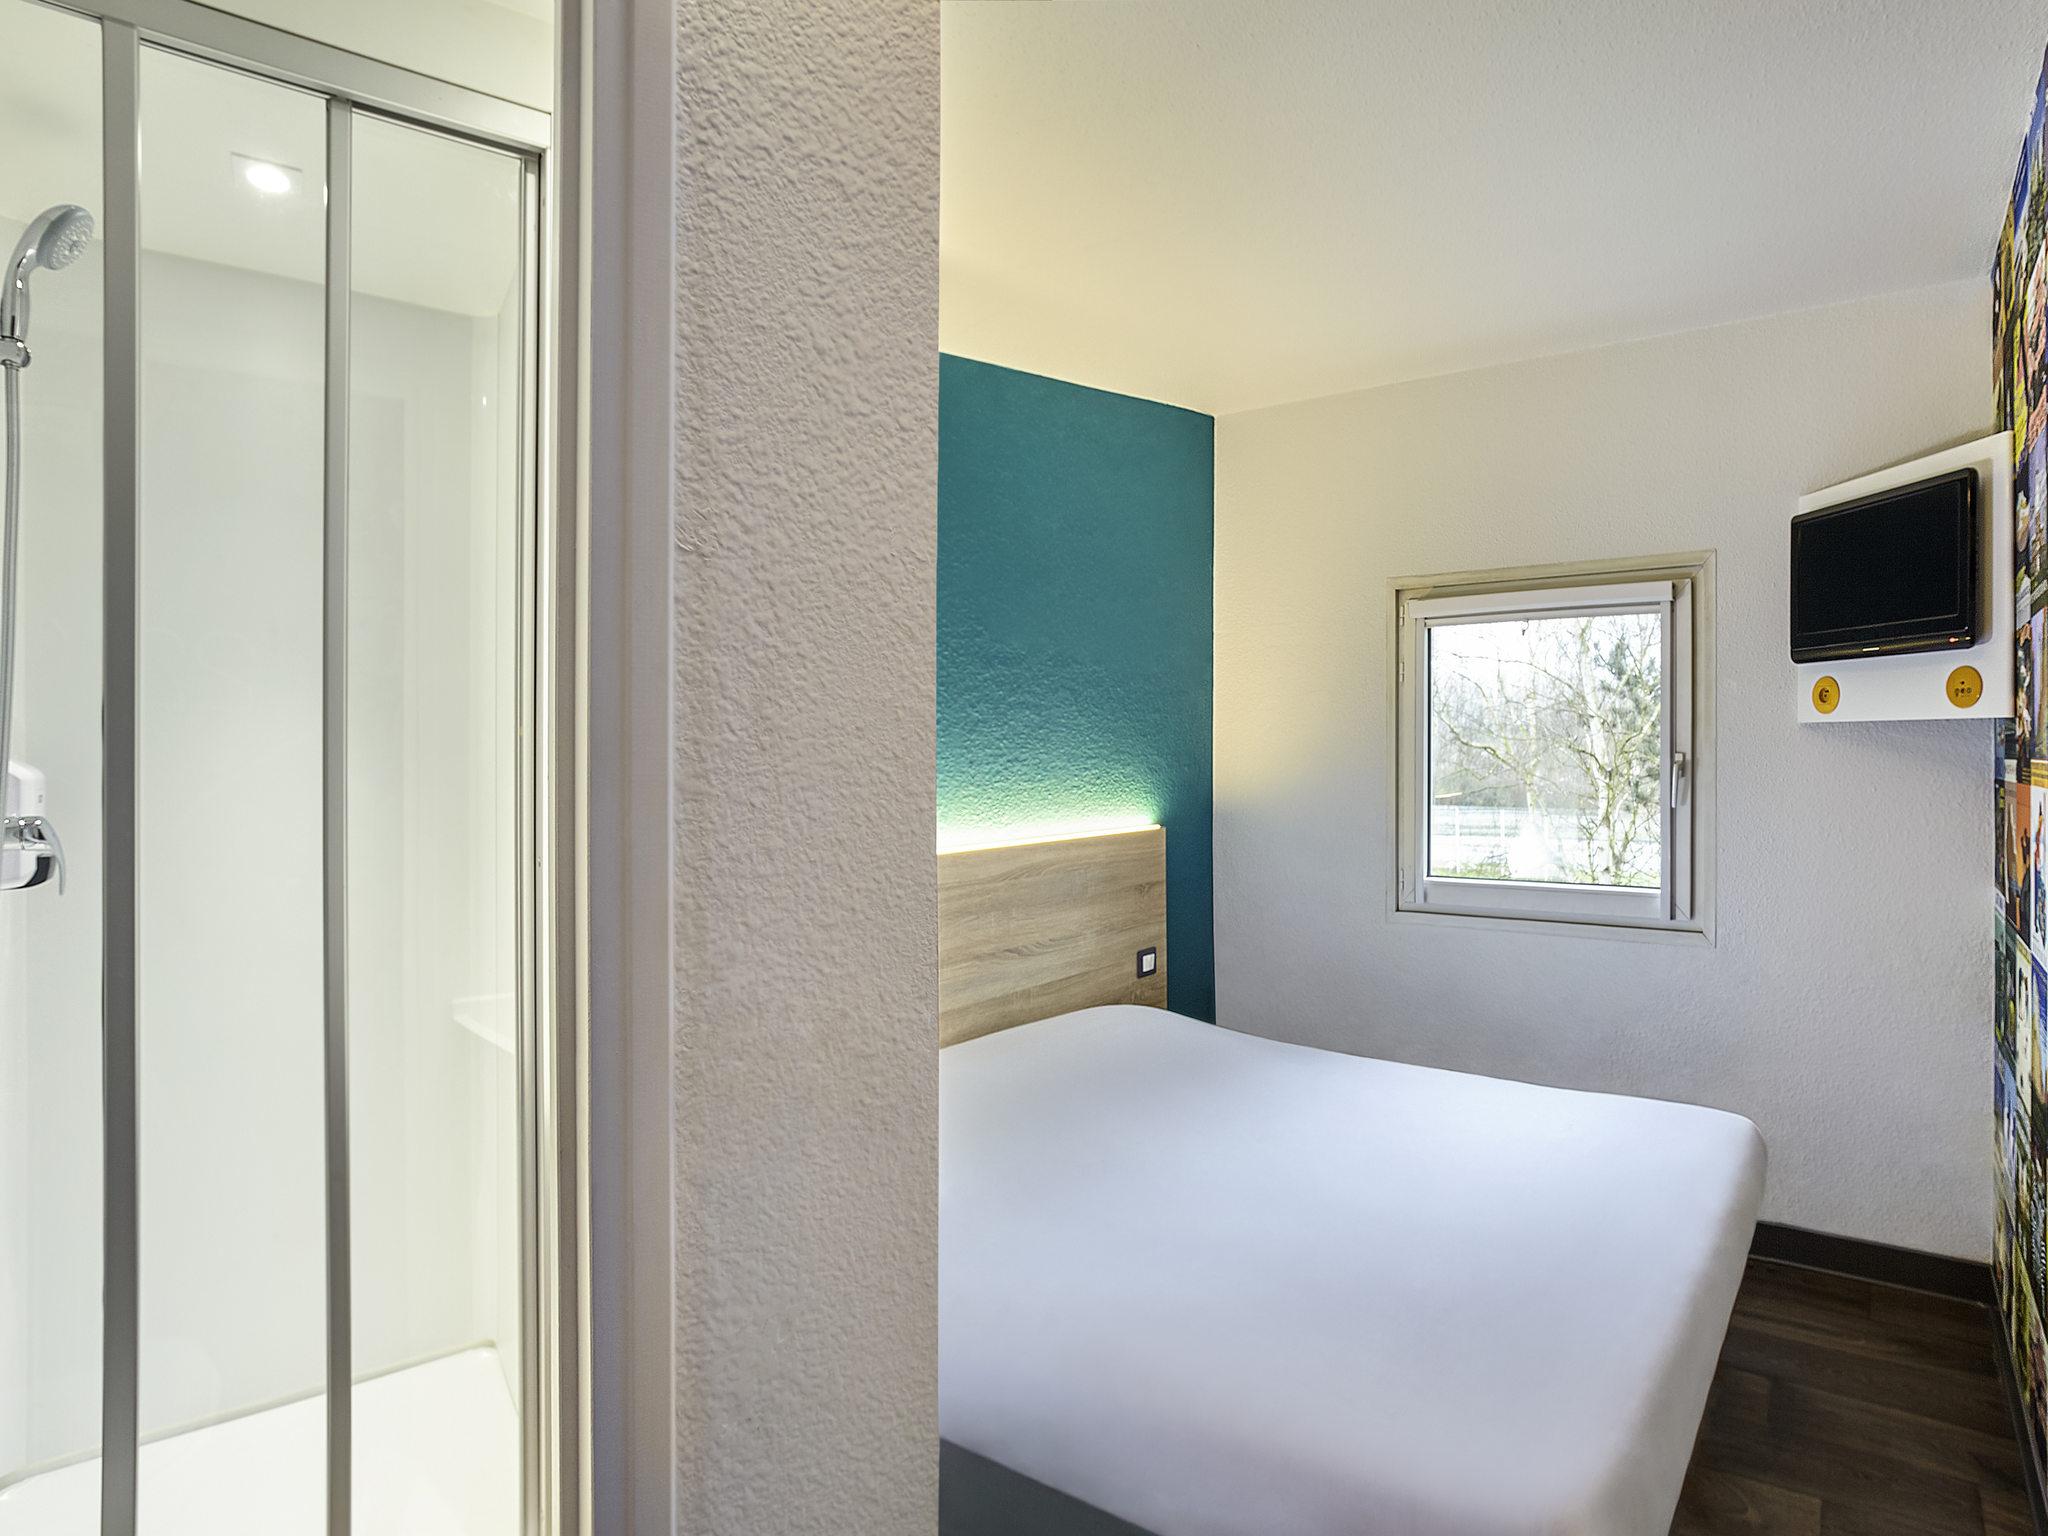 โรงแรม – hotelF1 Béziers Est (rénové)